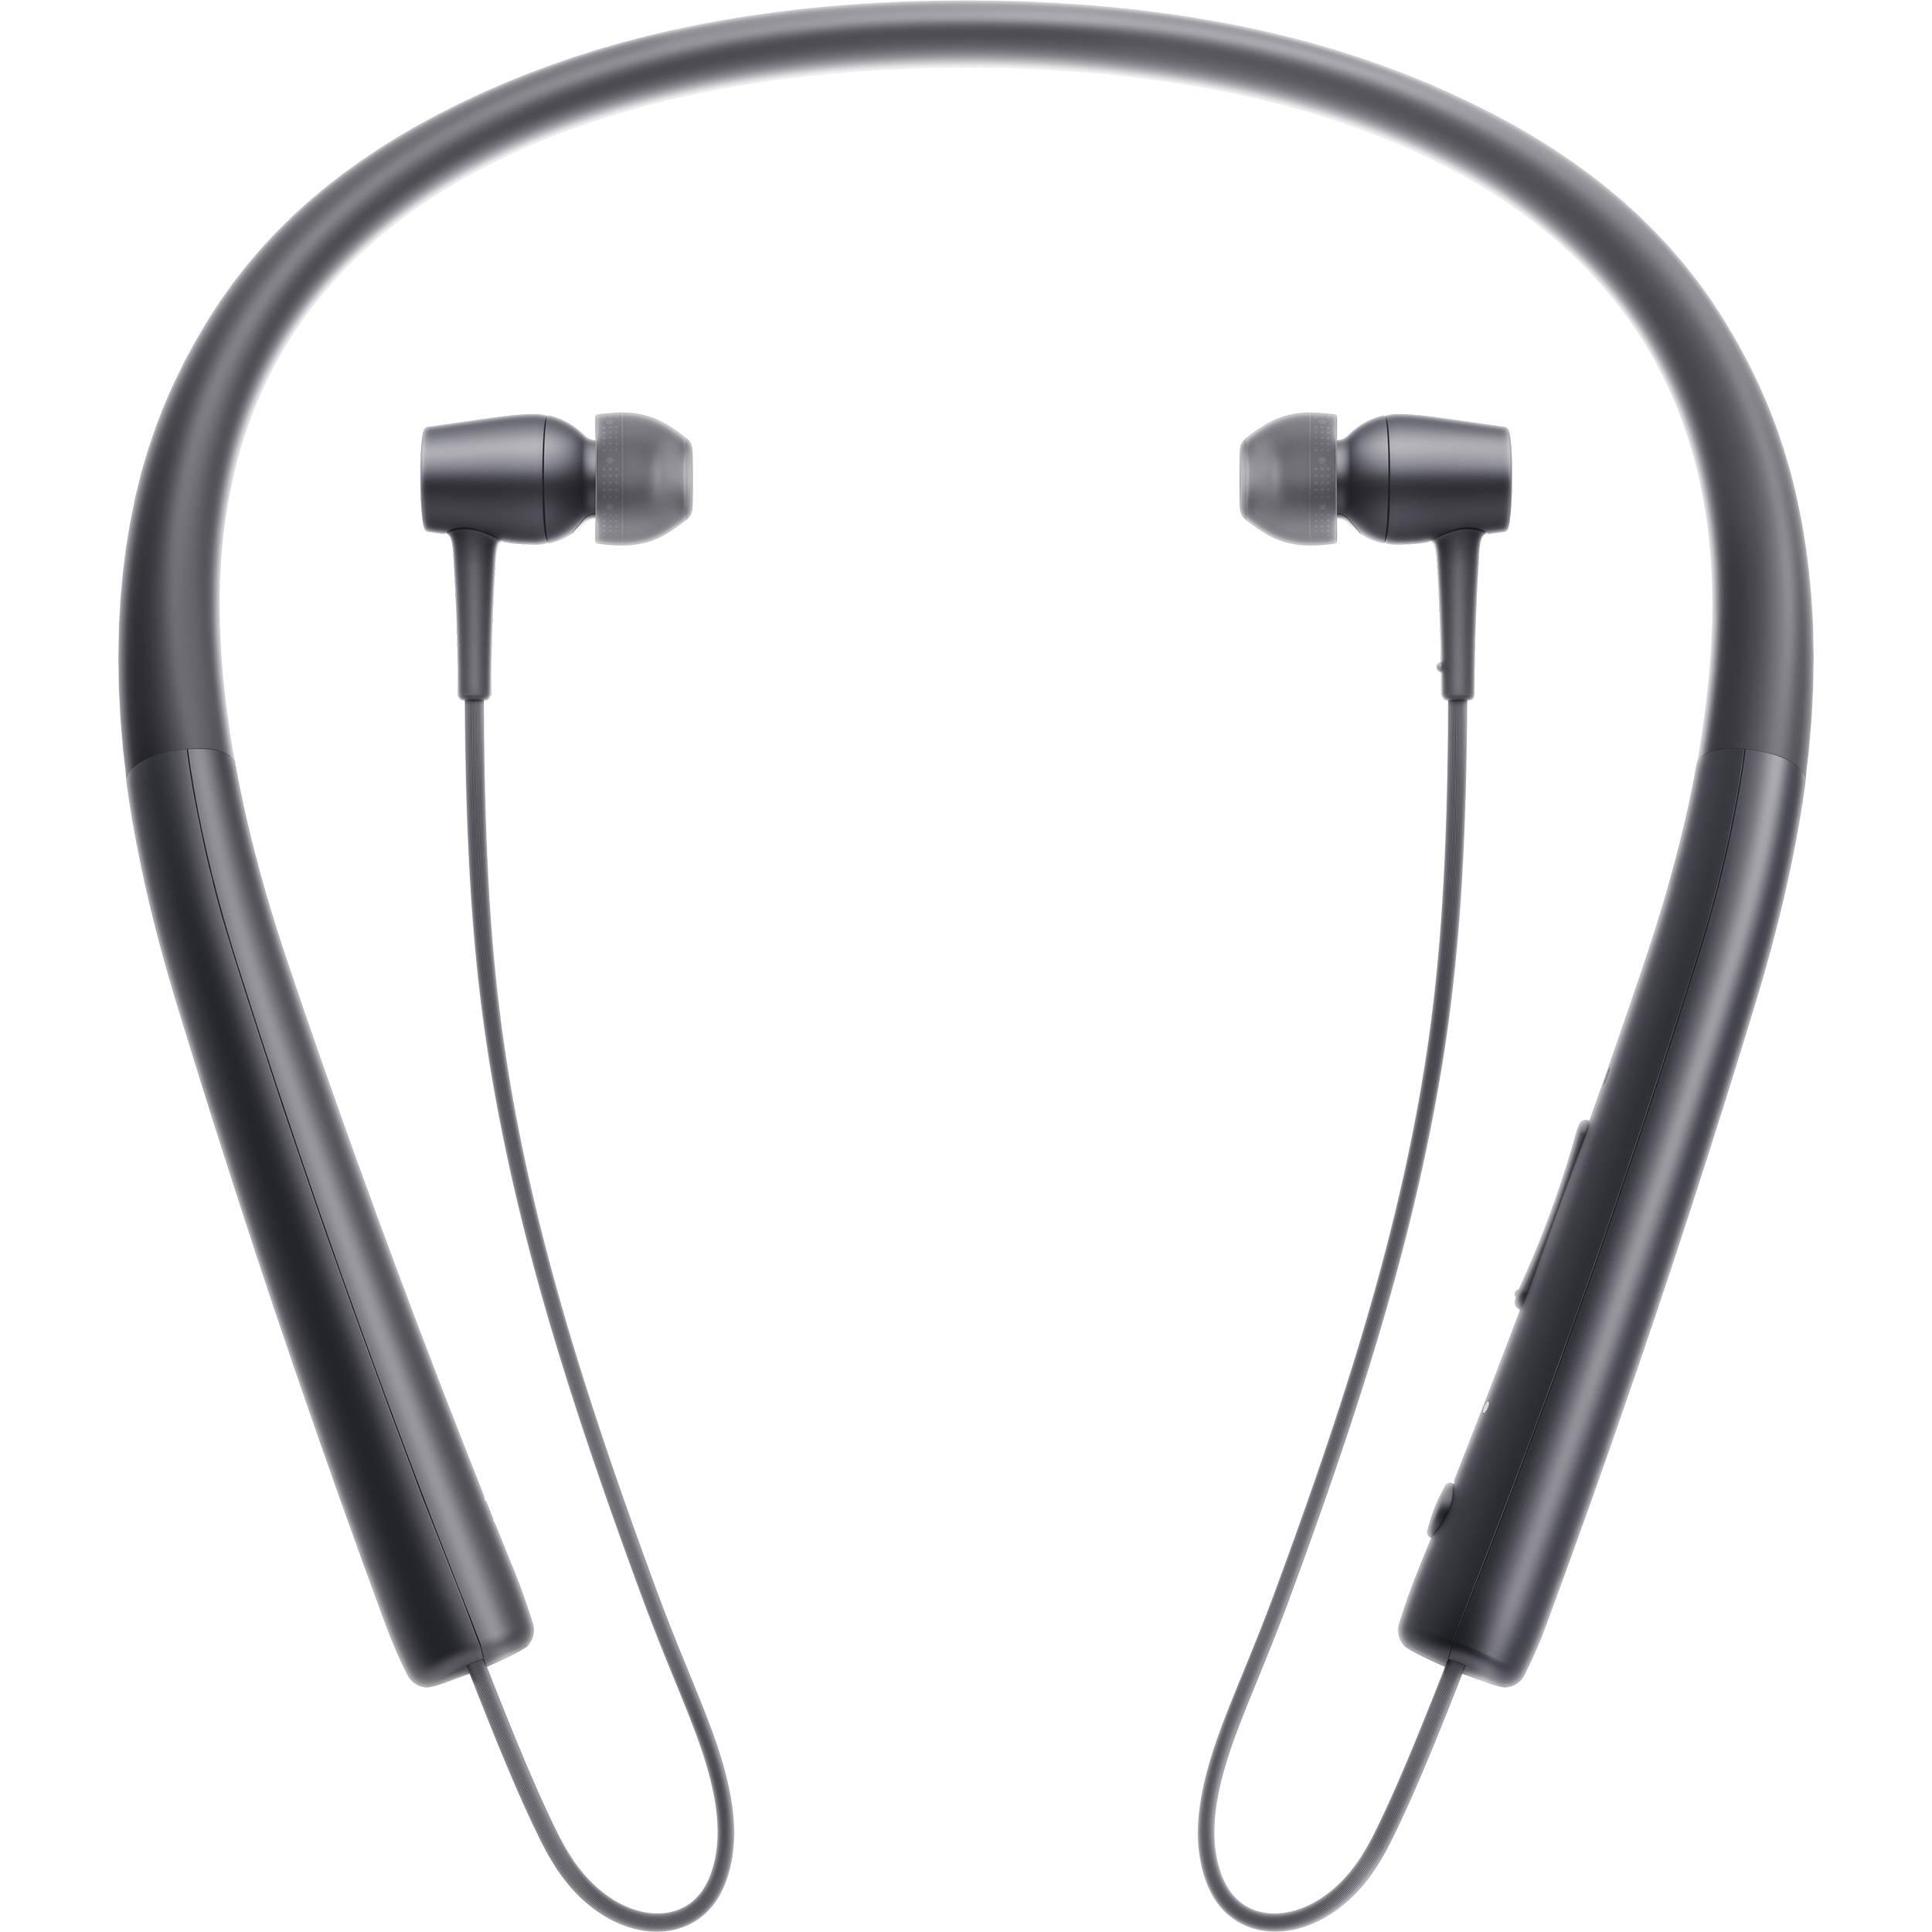 Sony wireless headphones ear buds - sony earbuds charging